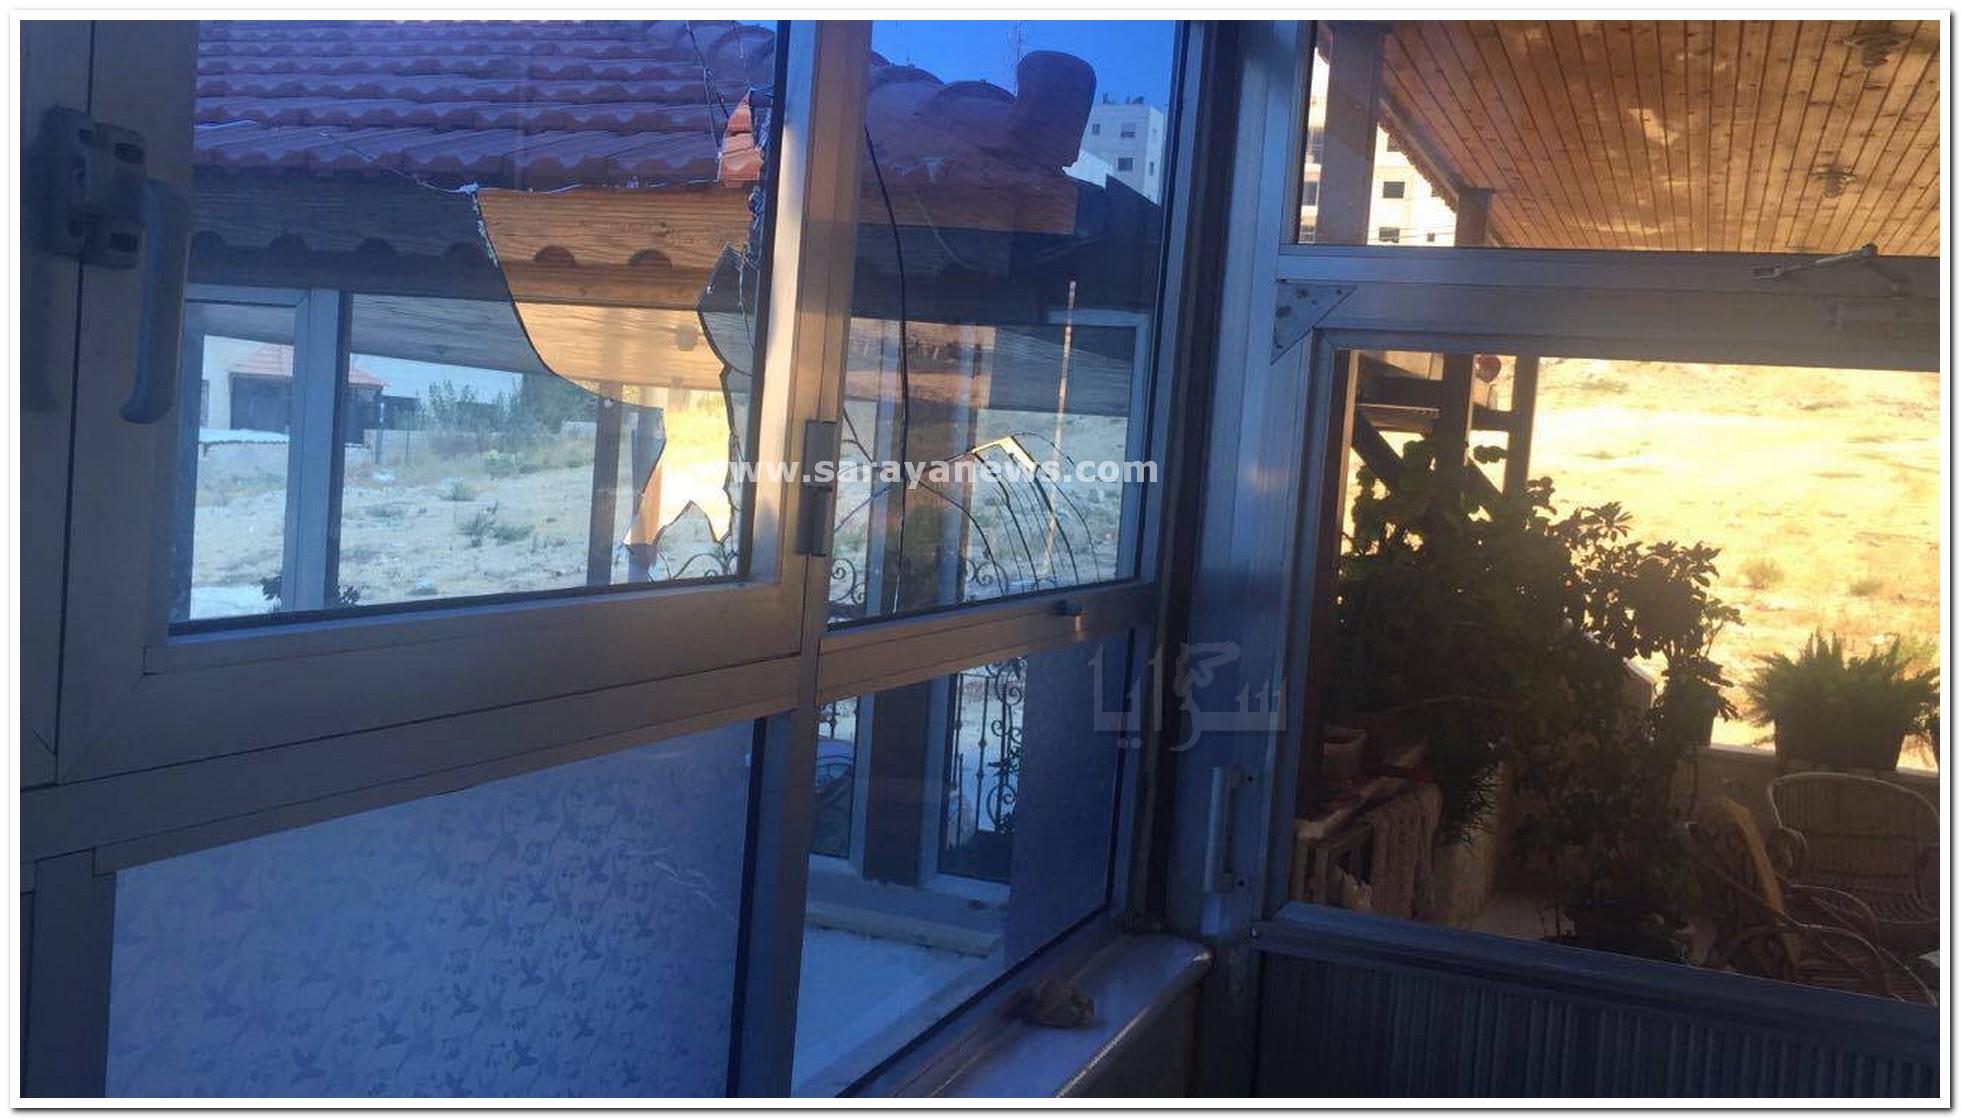 بالصور.. الامن يبحث عن (4) اشخاص حطموا منزل مواطن في مرج الحمام إثر خلافات بينهم